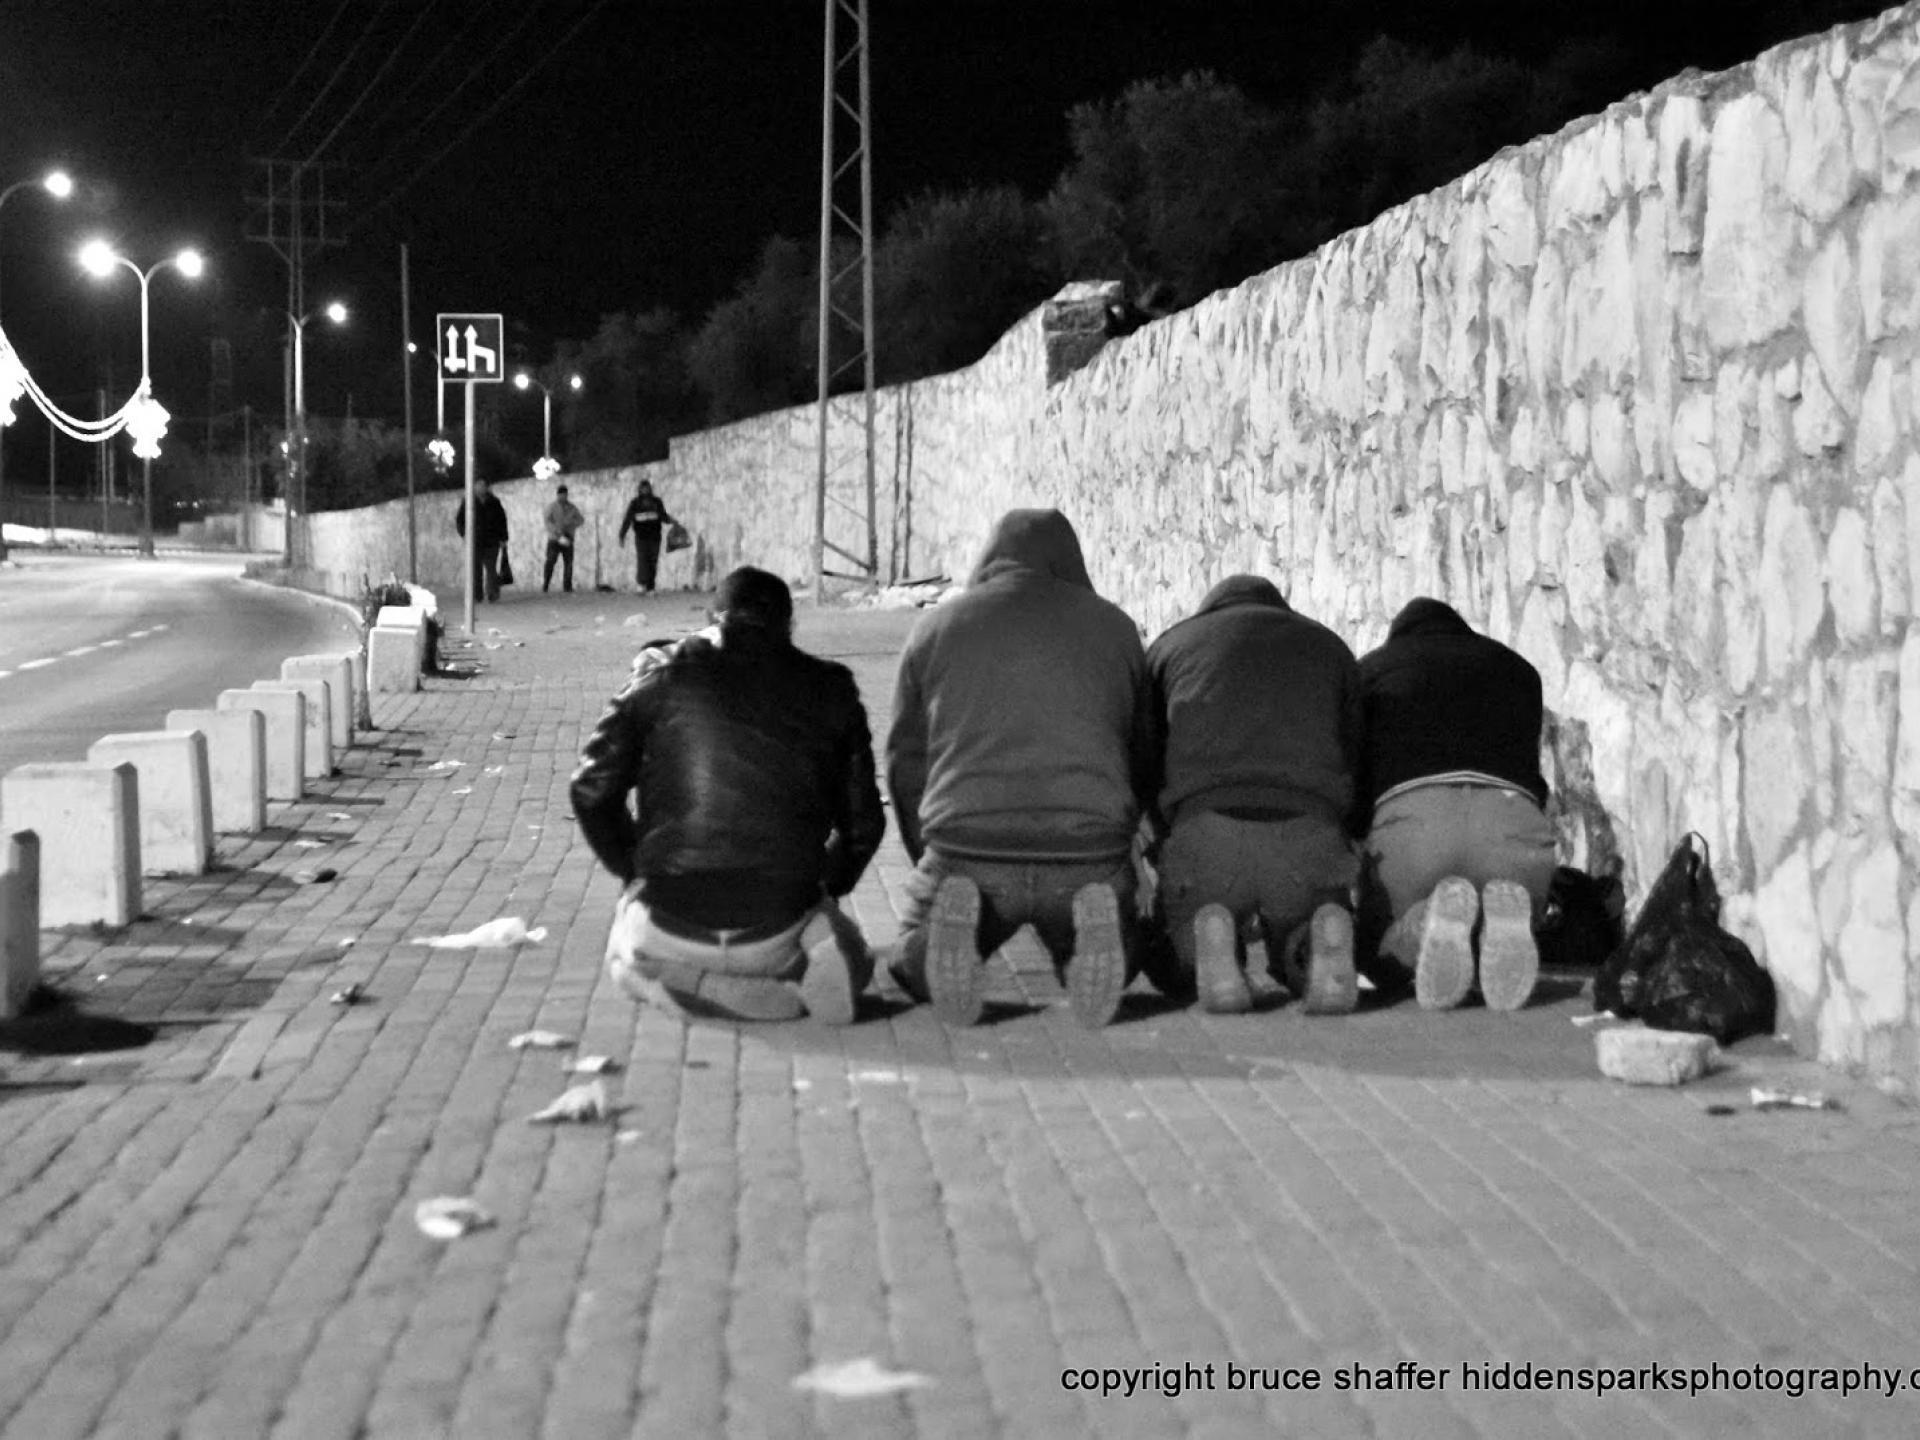 מחסום בית לחם: מתפללים על המדרכה